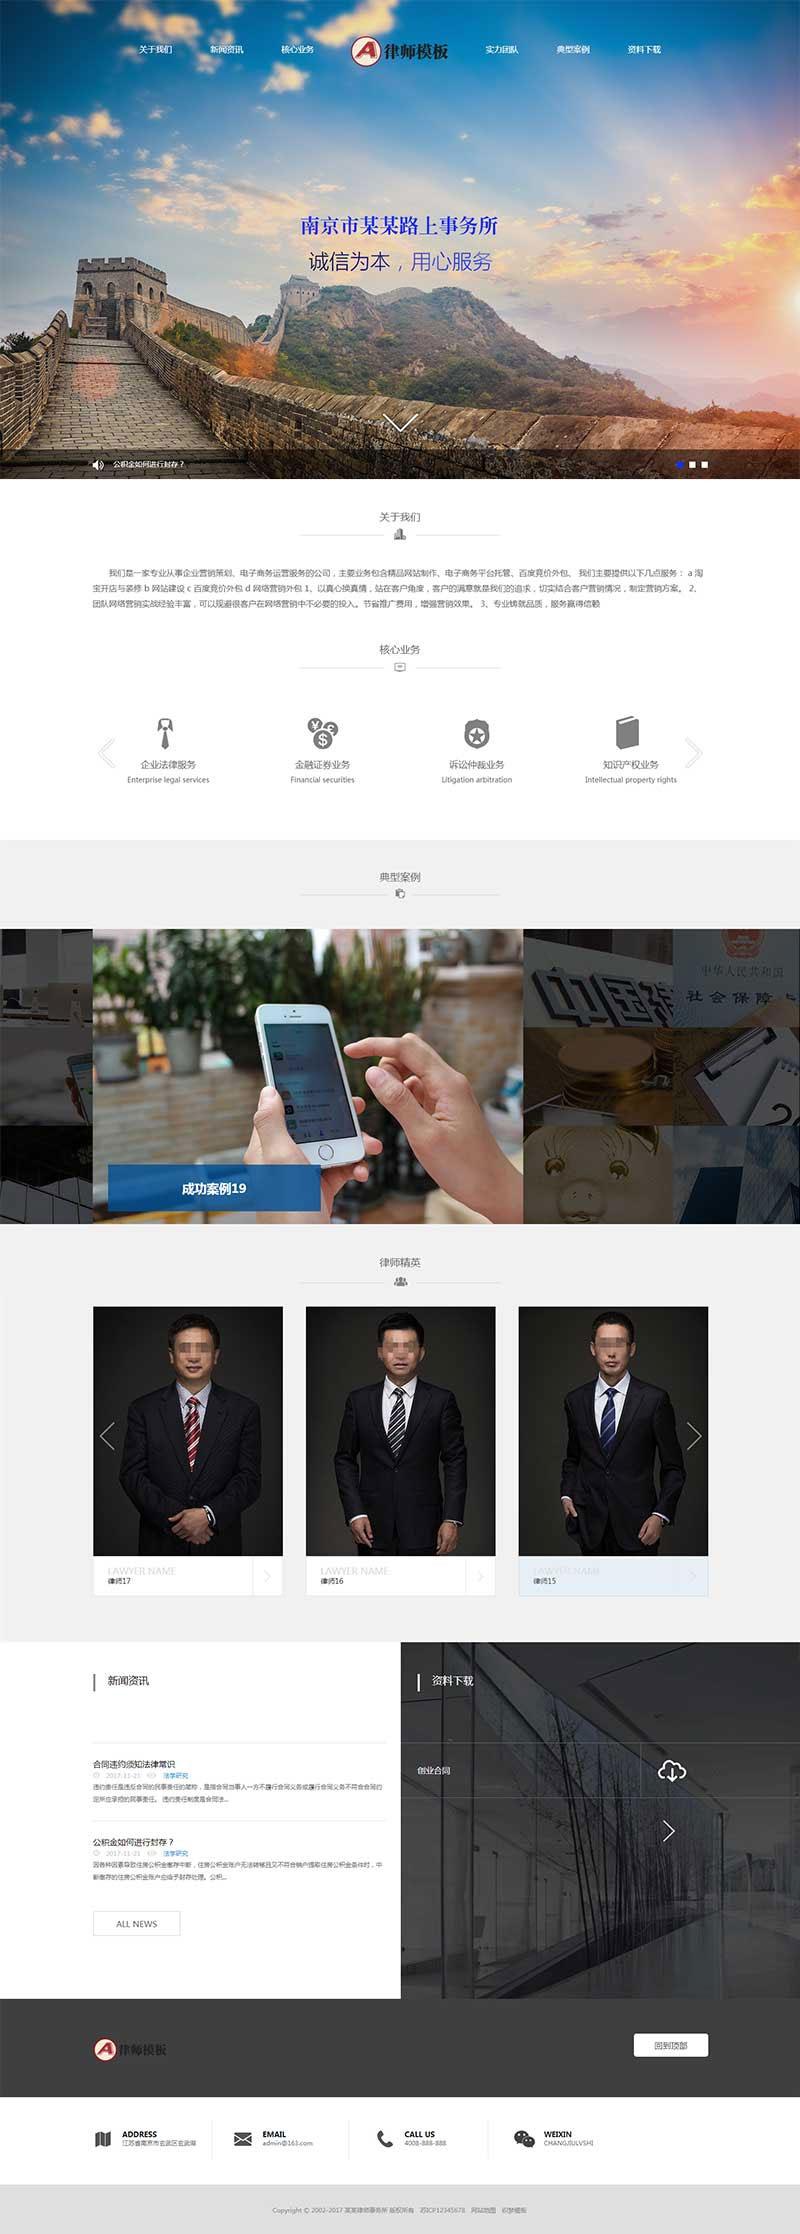 响应式律师事务所法律咨询服务机构网站模板(自适应手机移动端)